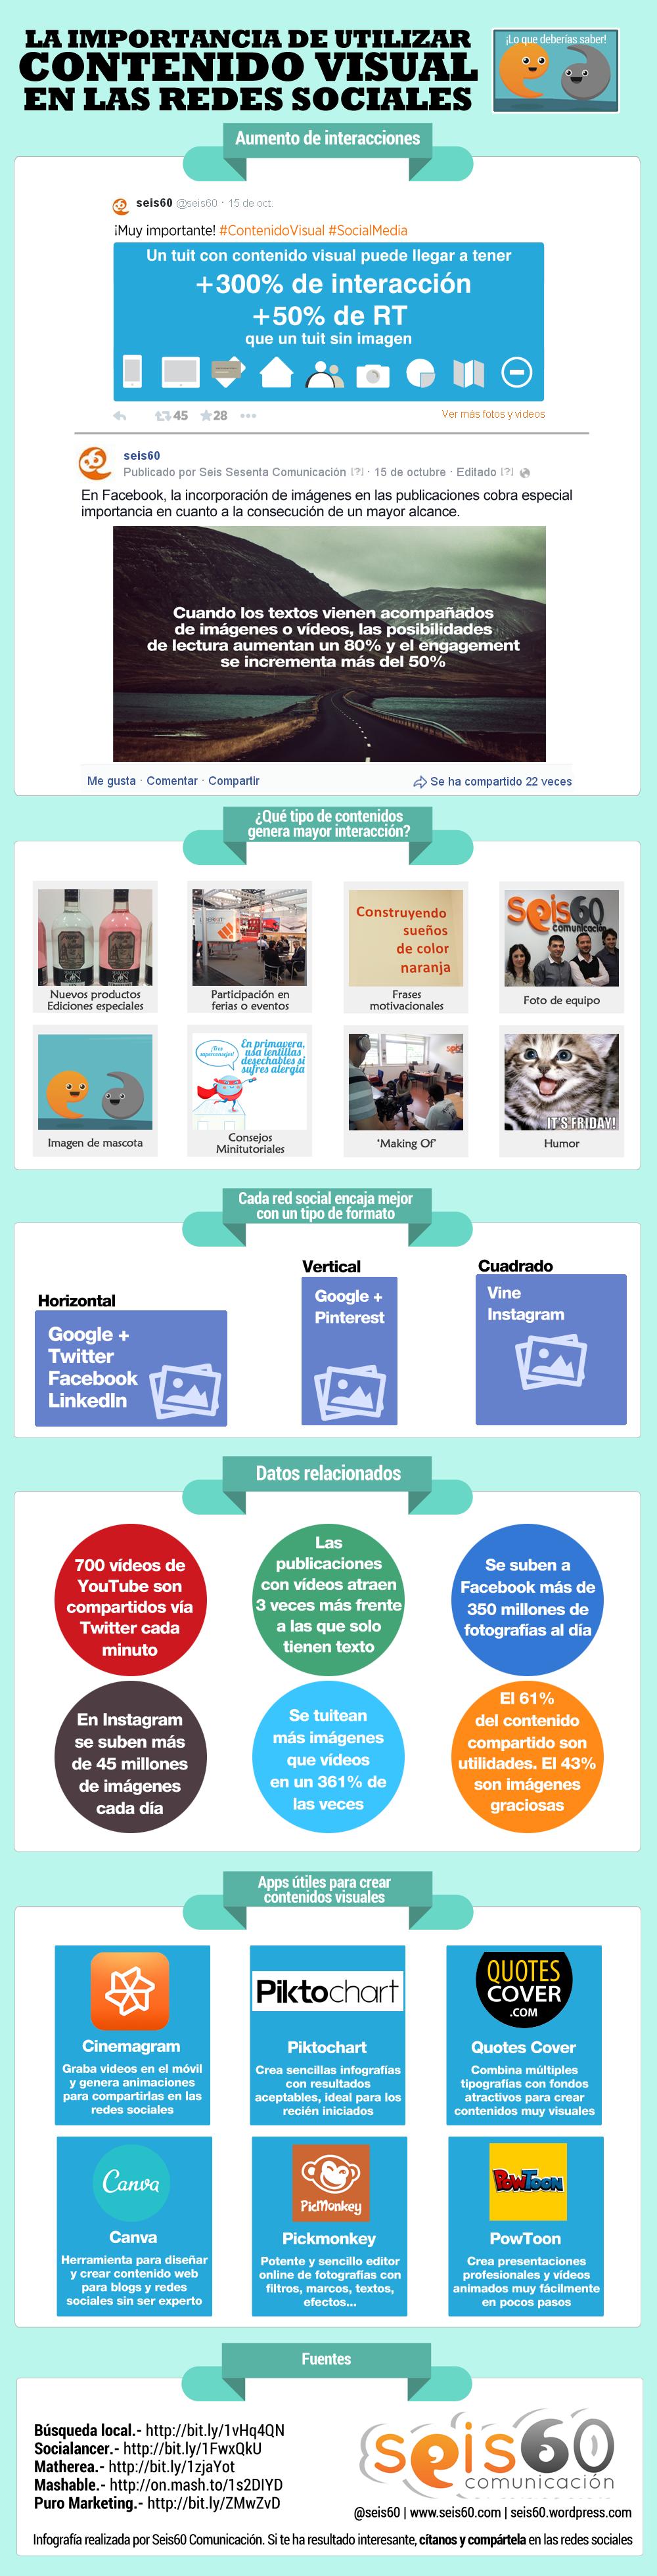 Infografía-contenido-visual-redes-sociales